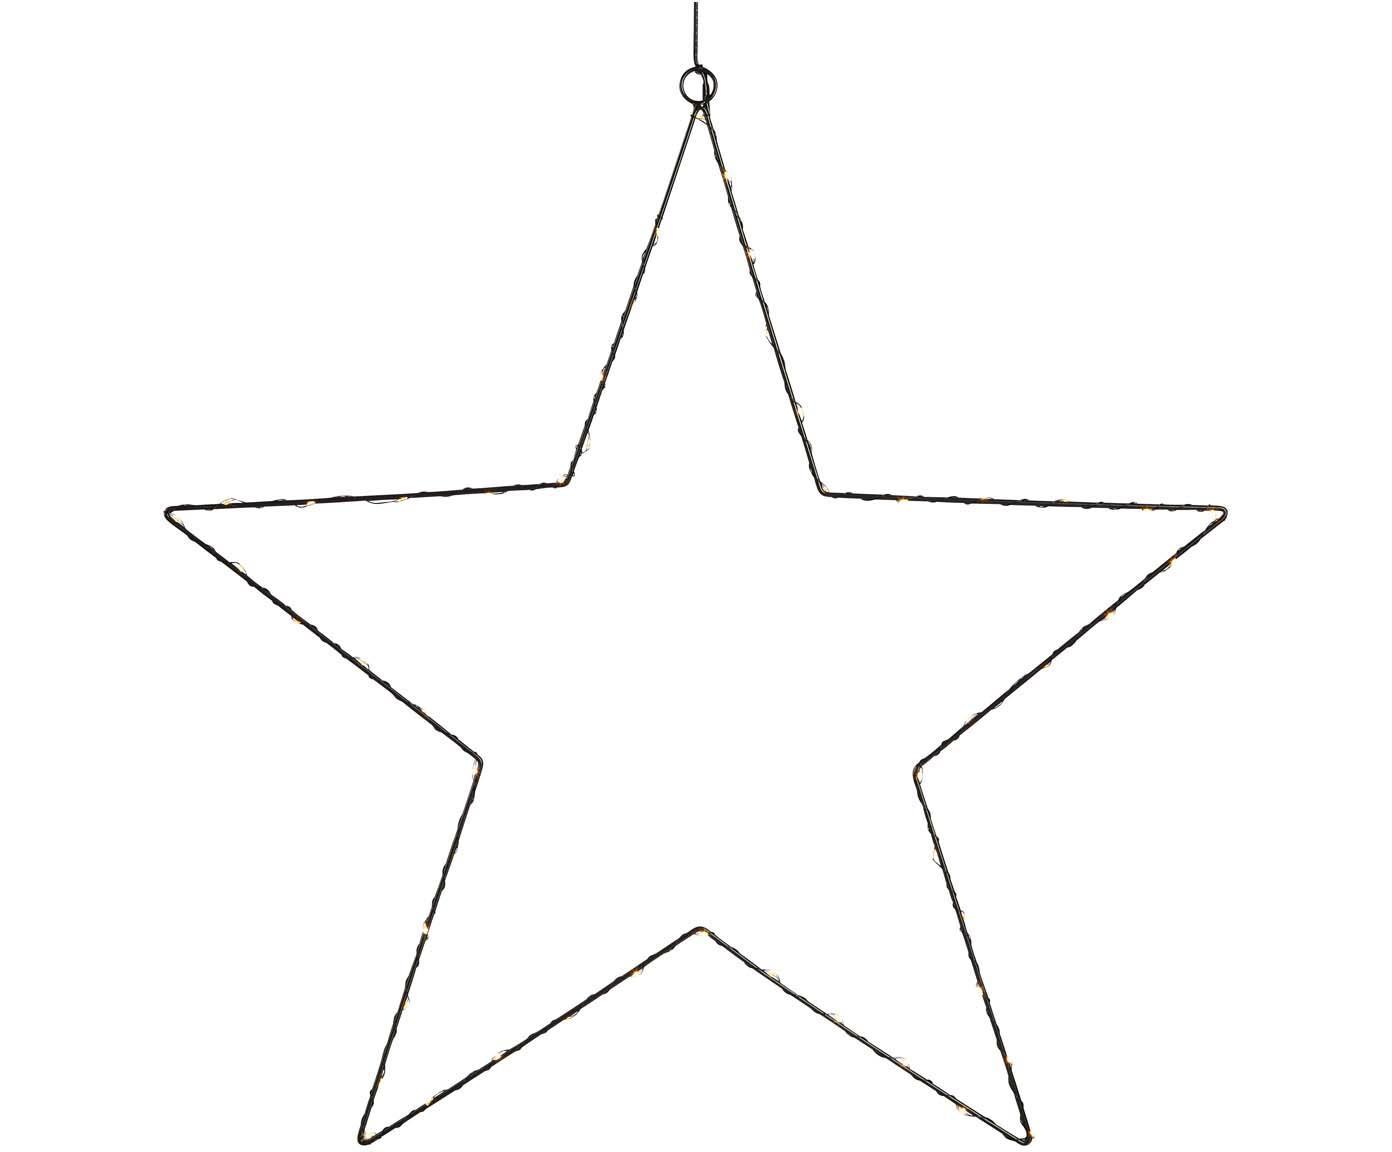 LED Leuchtobjekt Nordgard, Metall, lackiert, Schwarz, Ø 60 cm